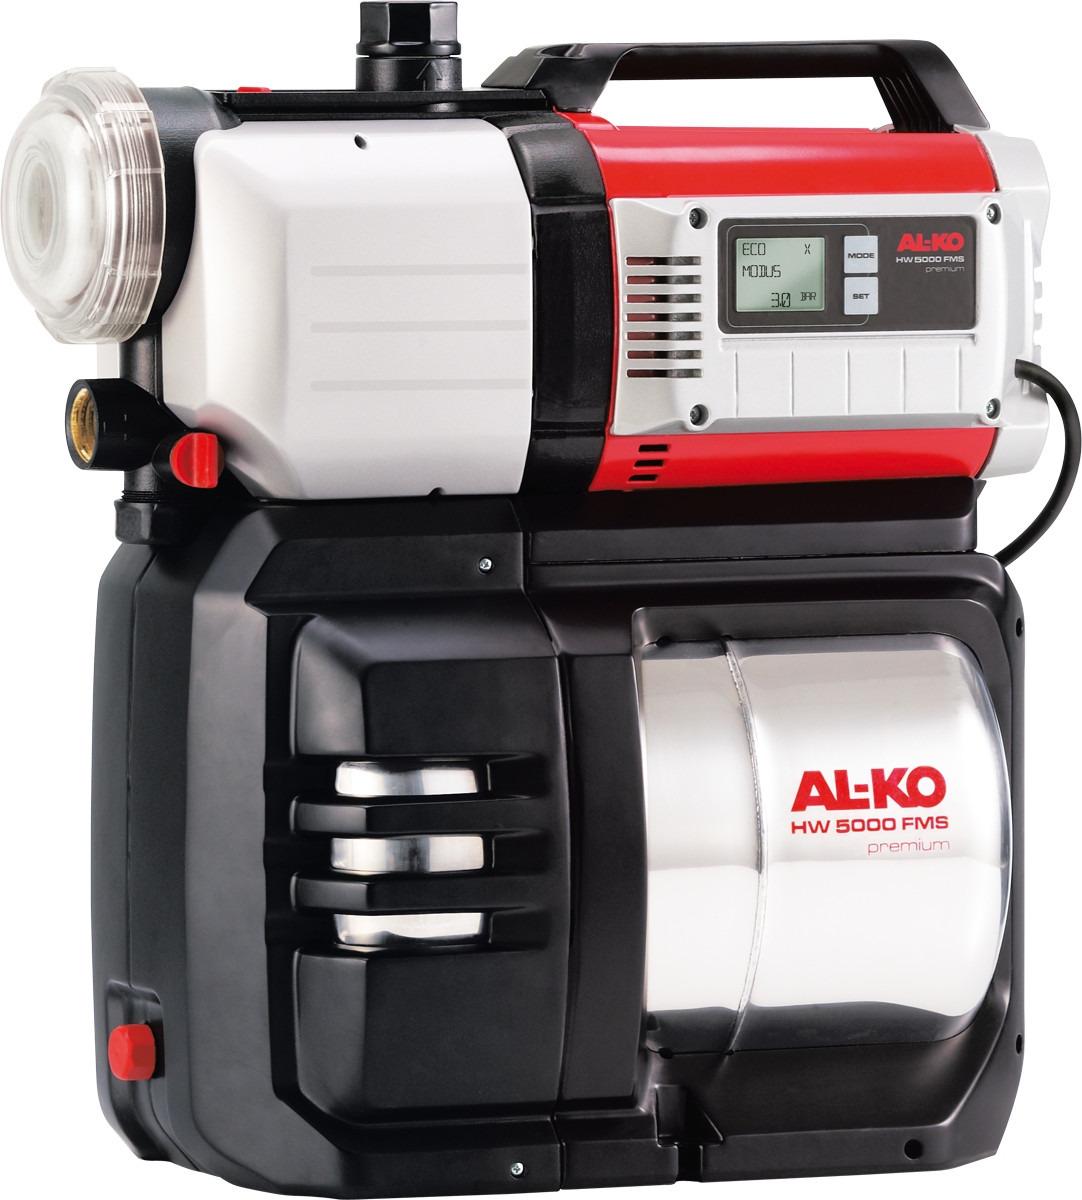 цена на Насосная станция AL-KO HW 5000 FMS Premium, 112851, серый, черный, красный